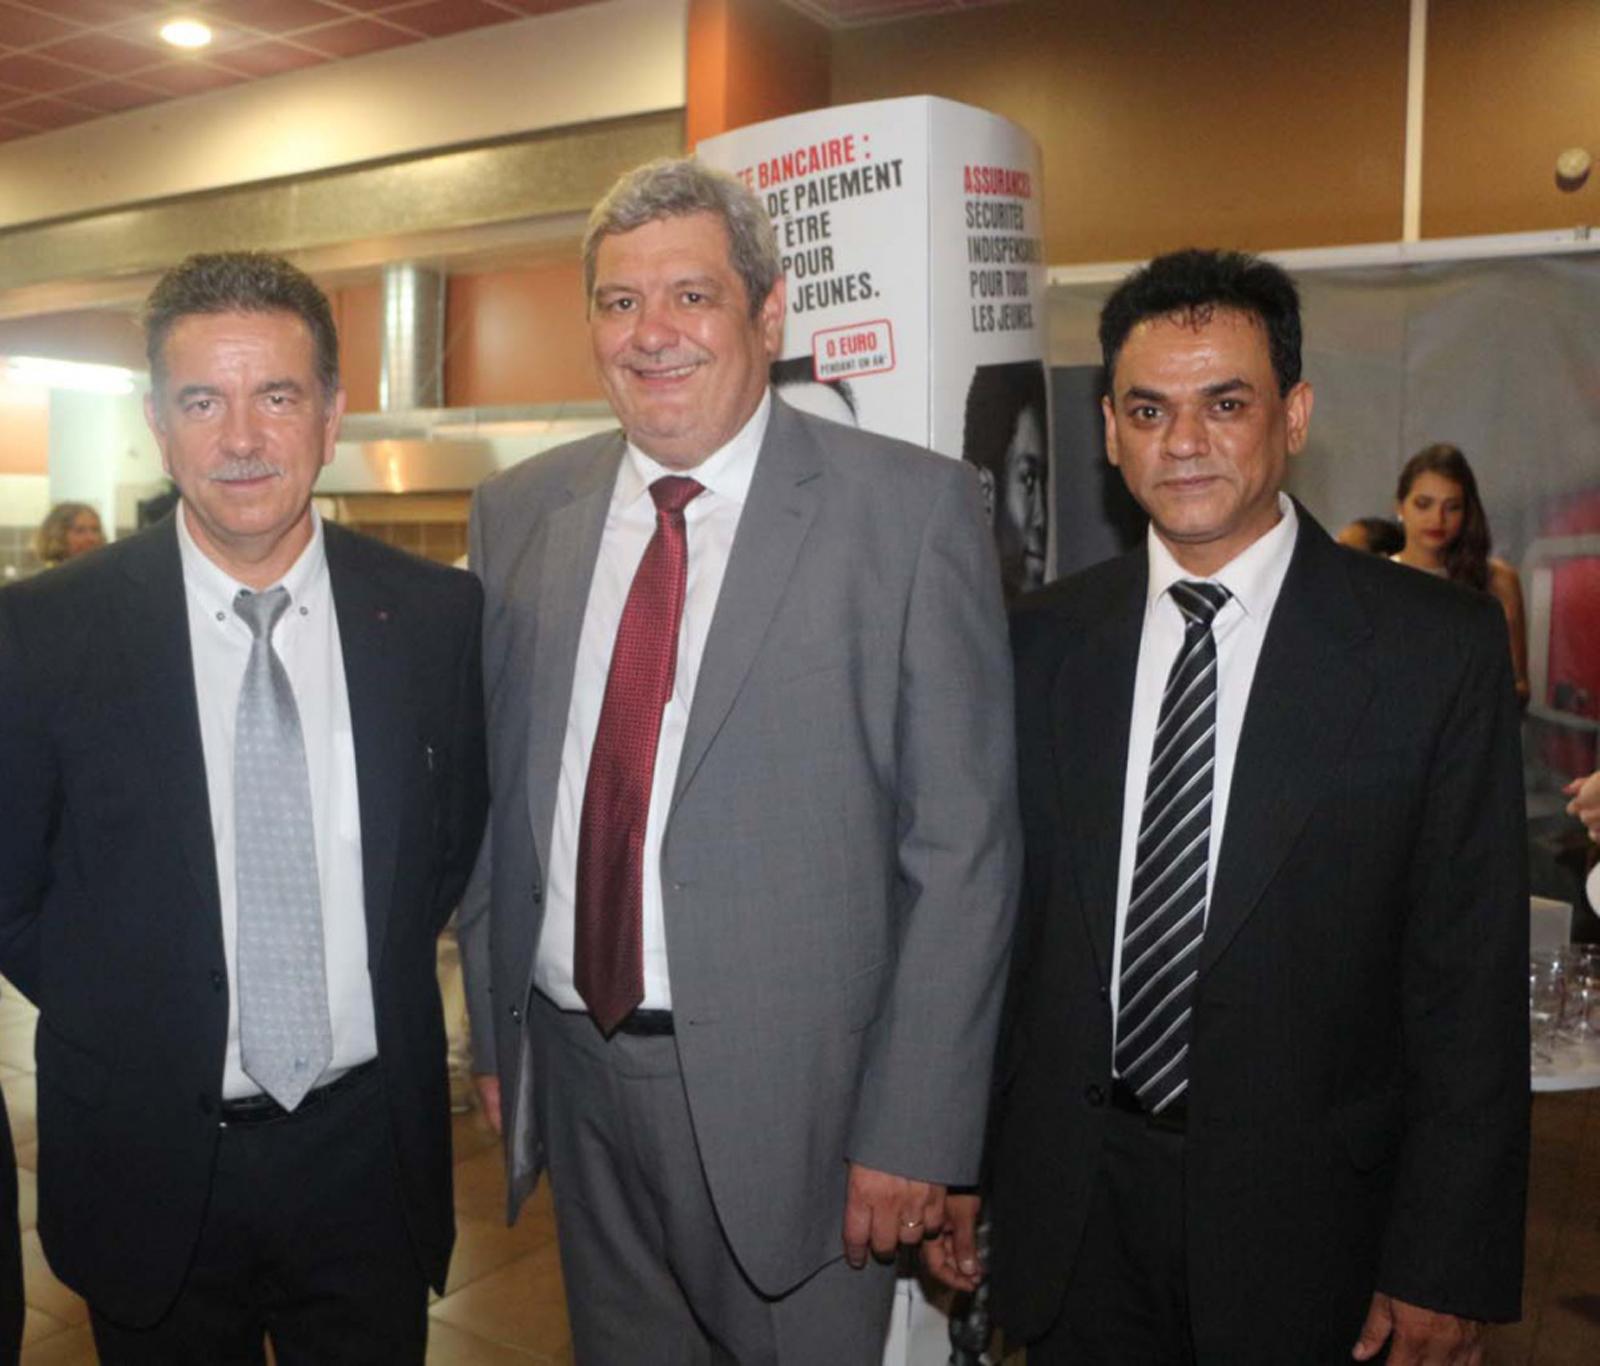 Patrick Geiglé, le directeur régional Caisse d'Epargne, Alain Fabre, membre du directoire en charge de la banque de détail, et Yacine Gooljanee, responsable et événementiels